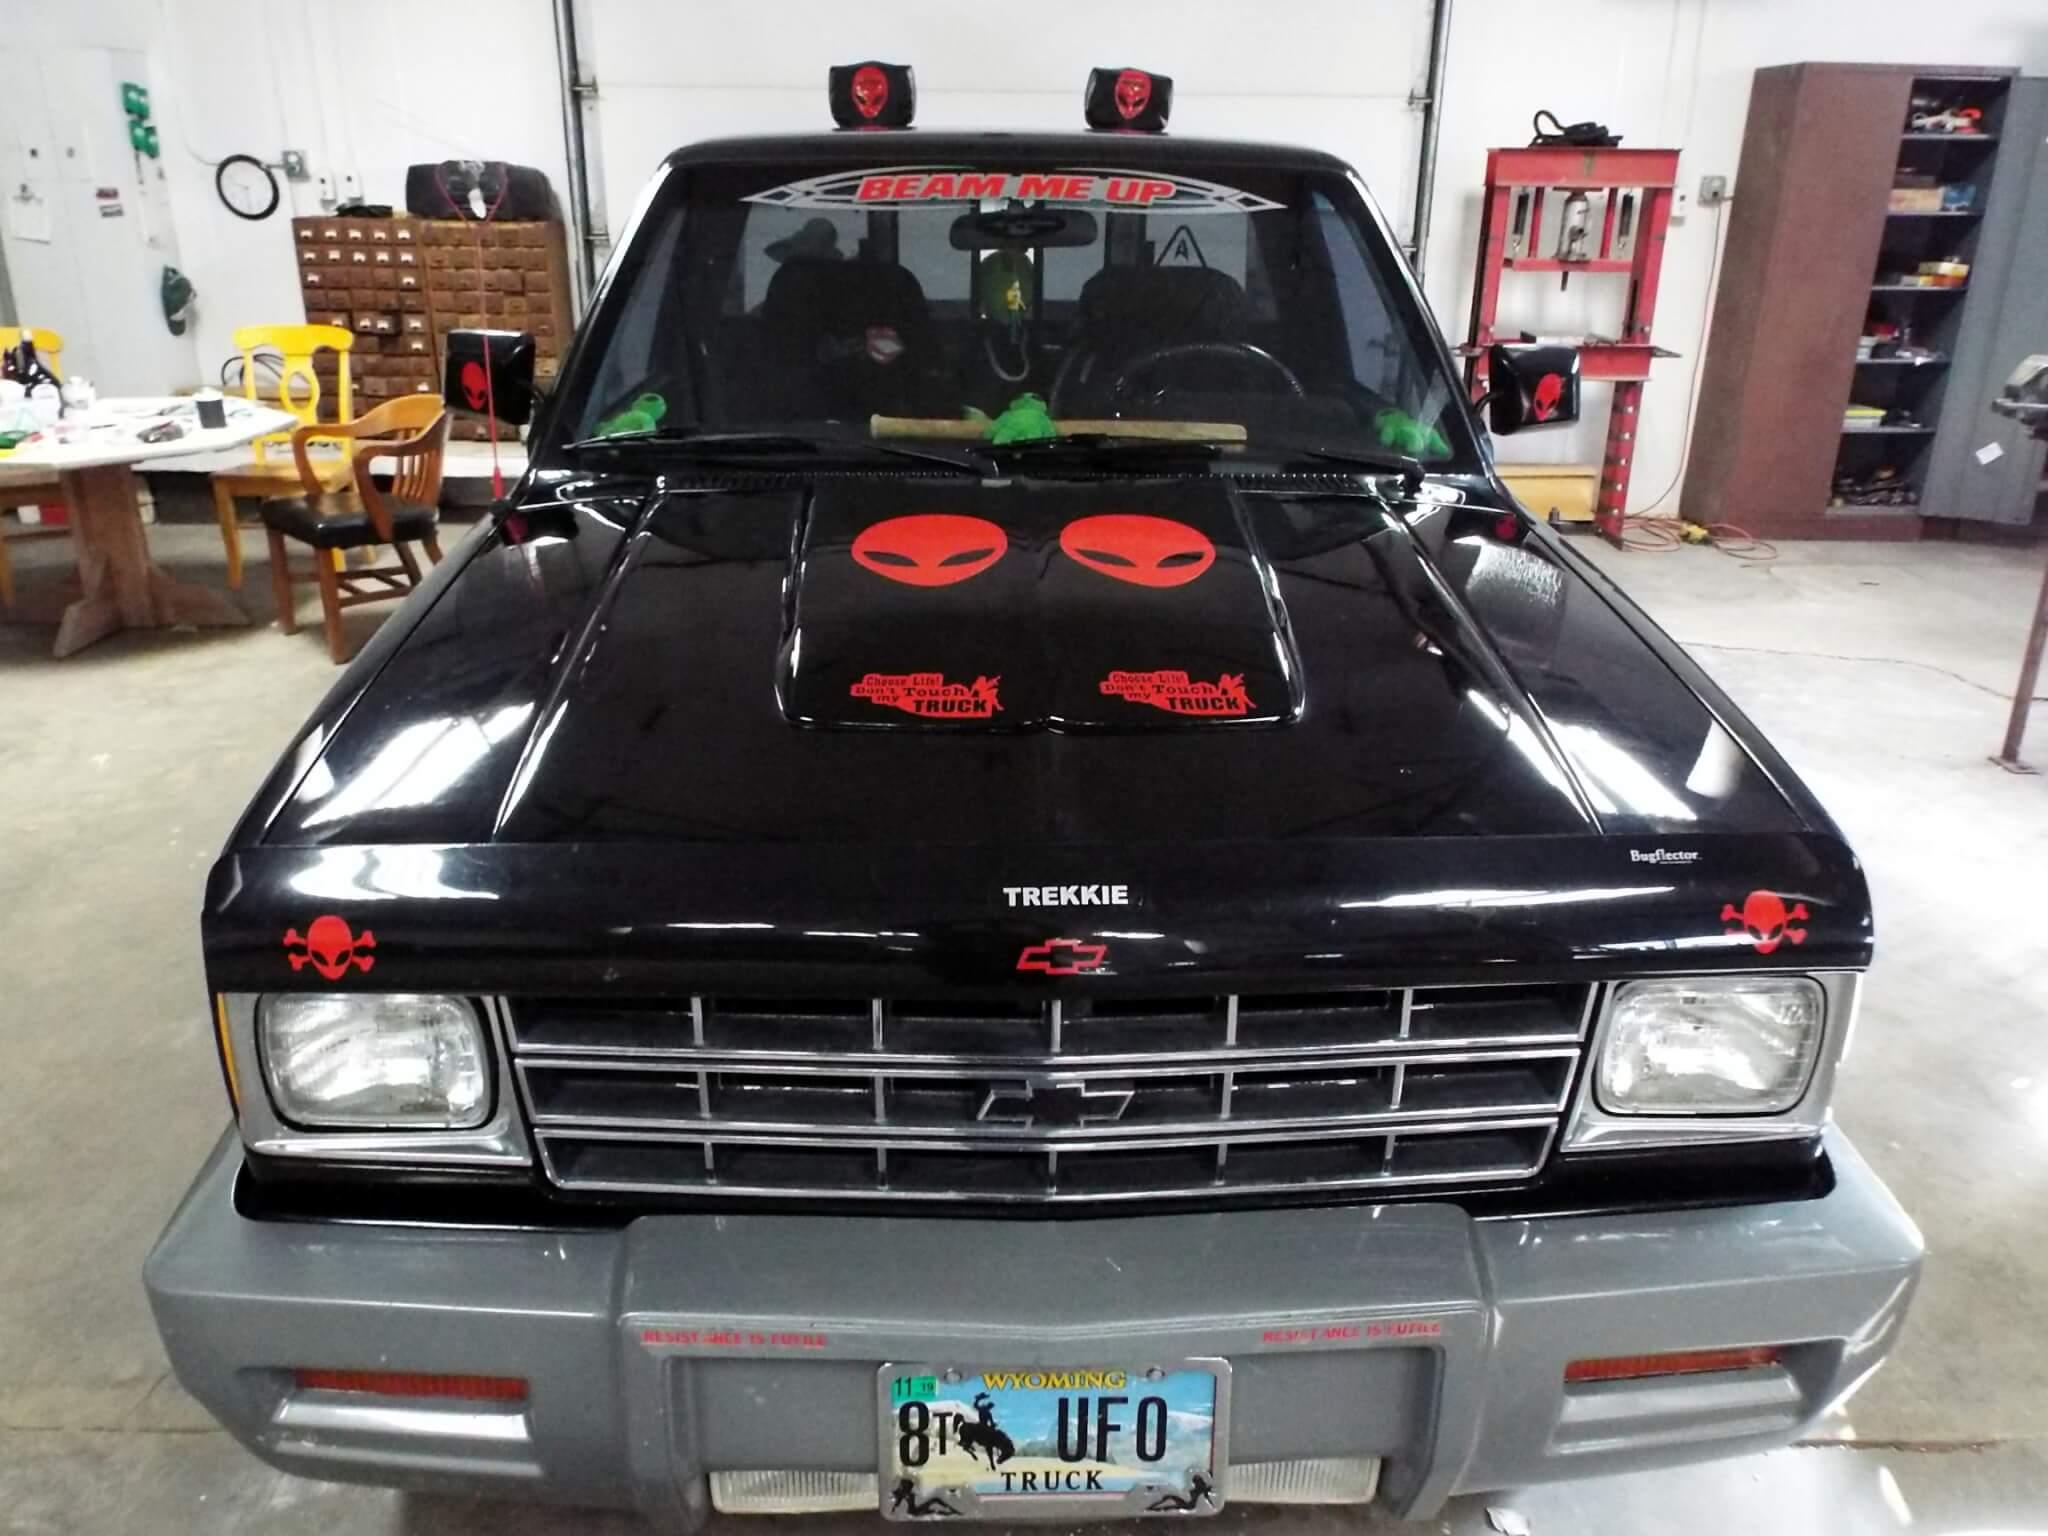 1988 Chevy S10 - Alisa W  - LMC Truck Life